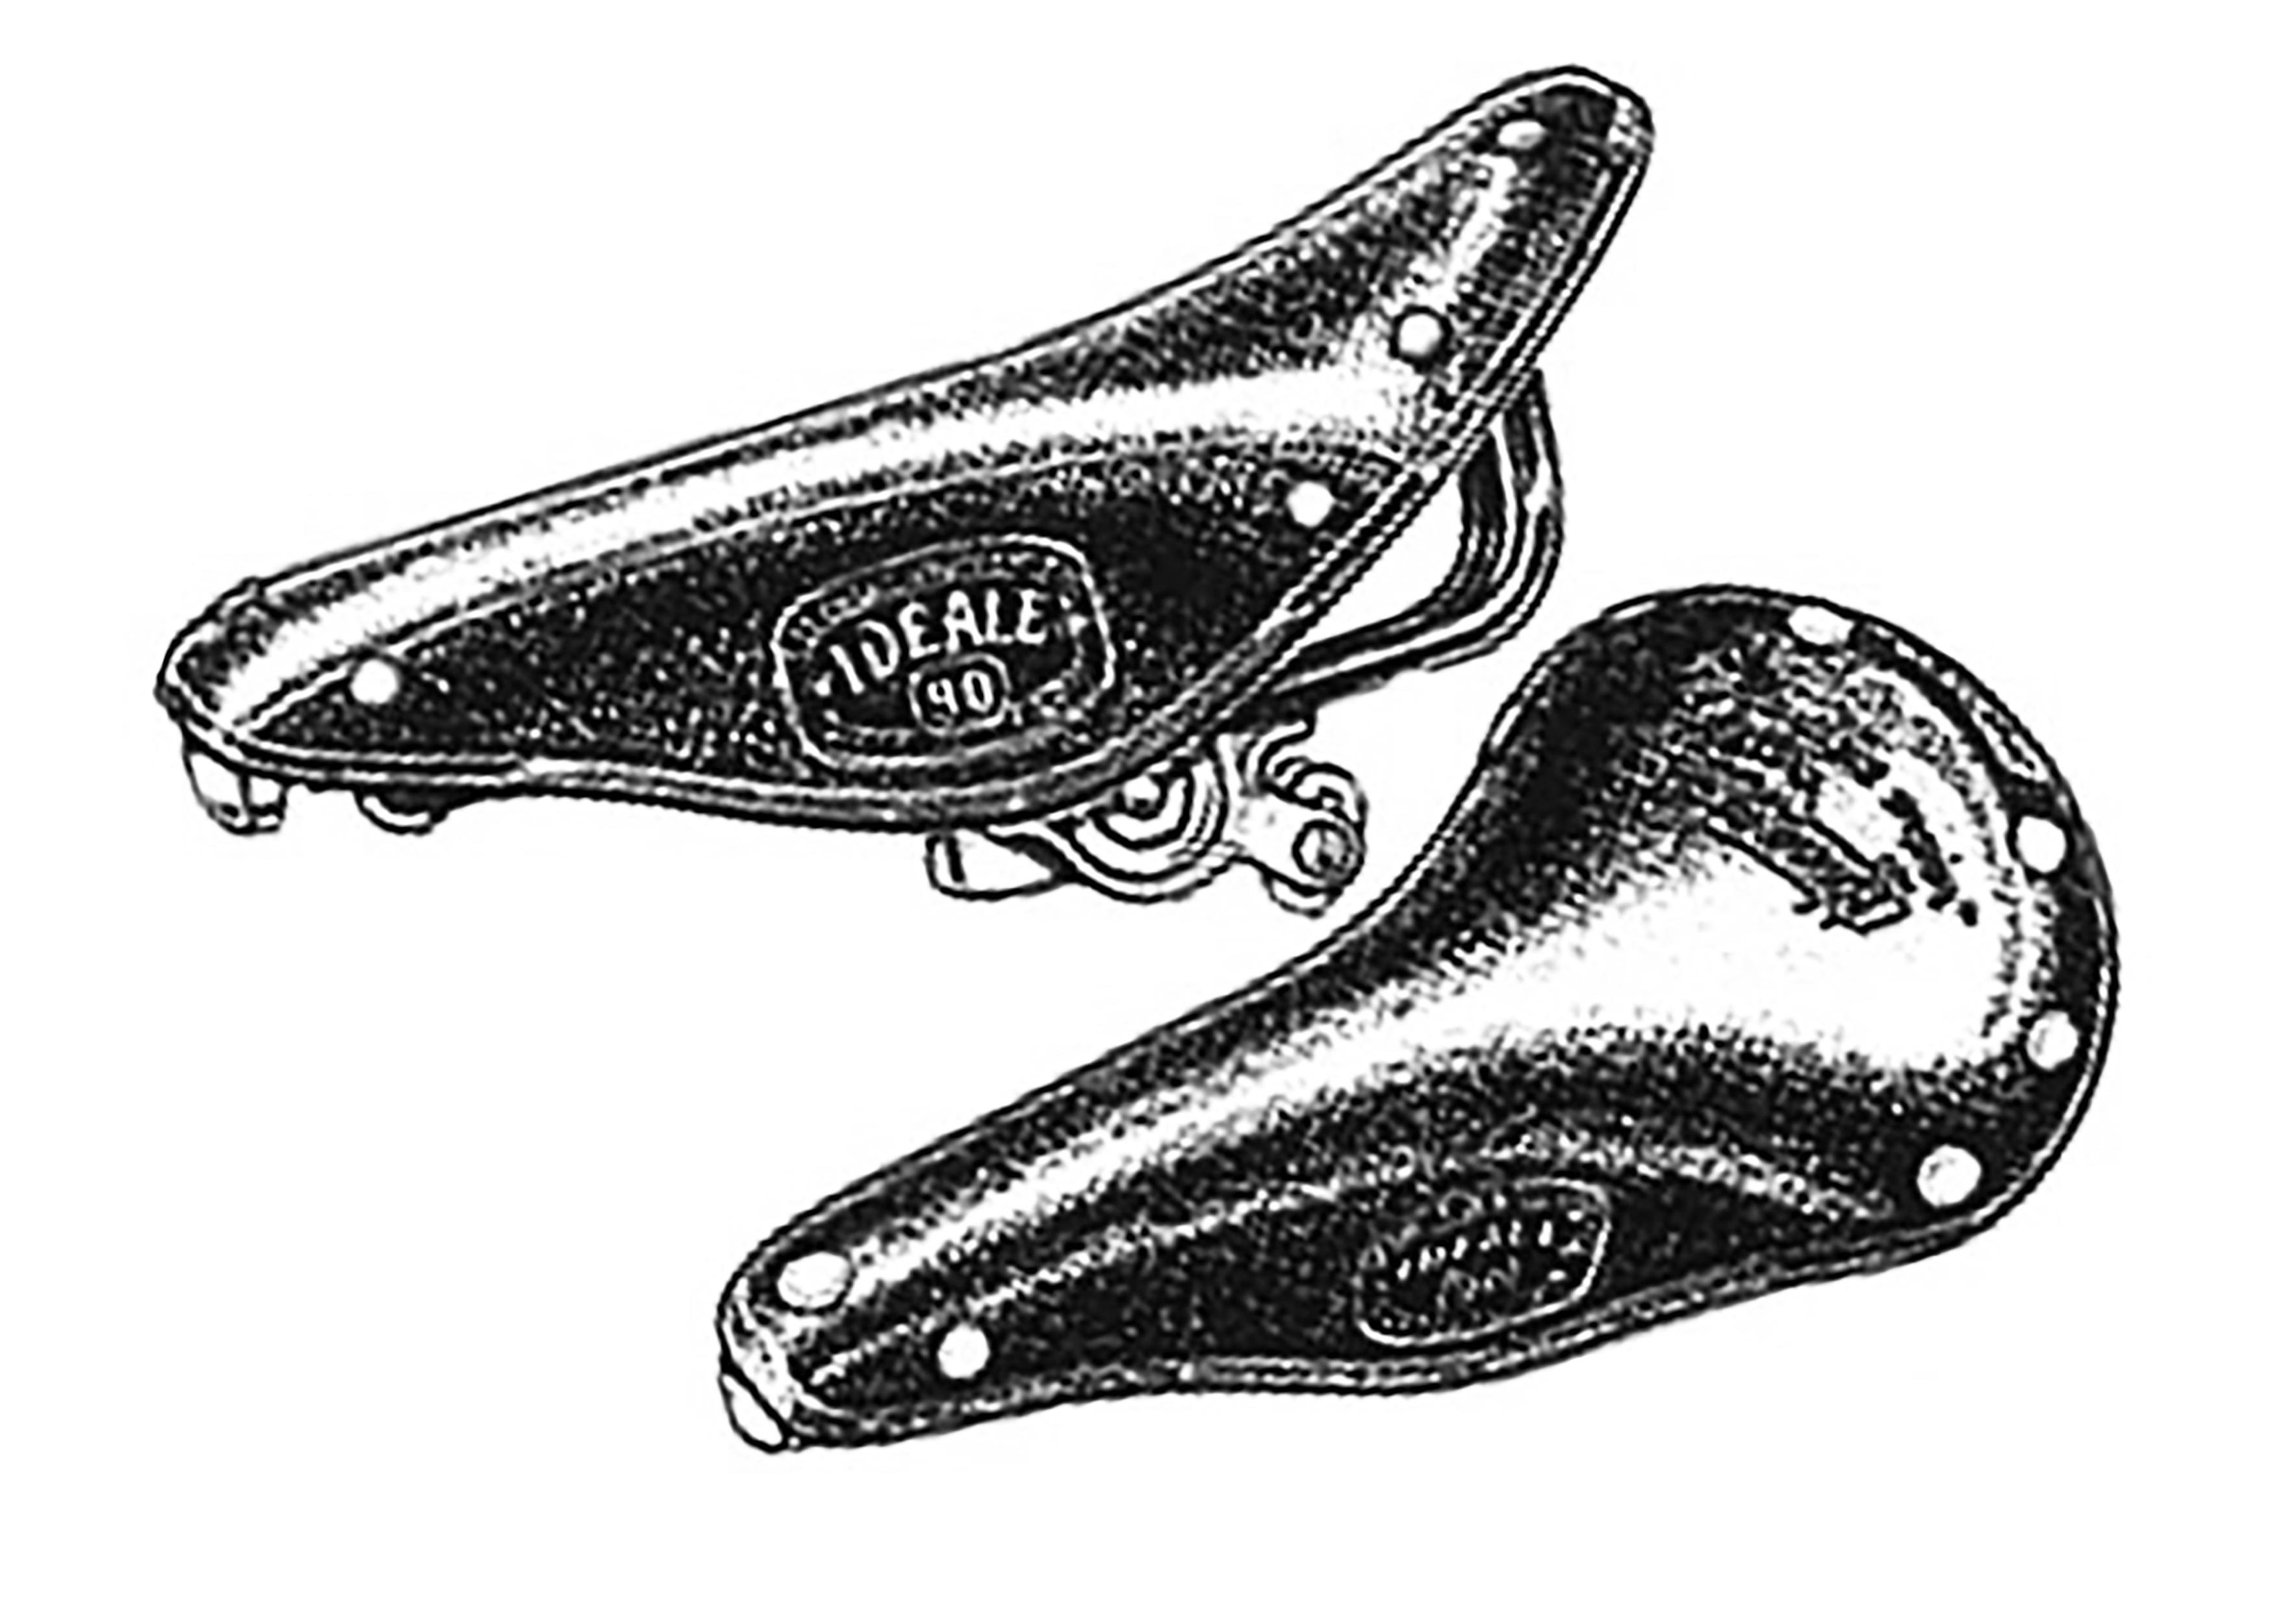 Daniel Rebour Ideale Saddles